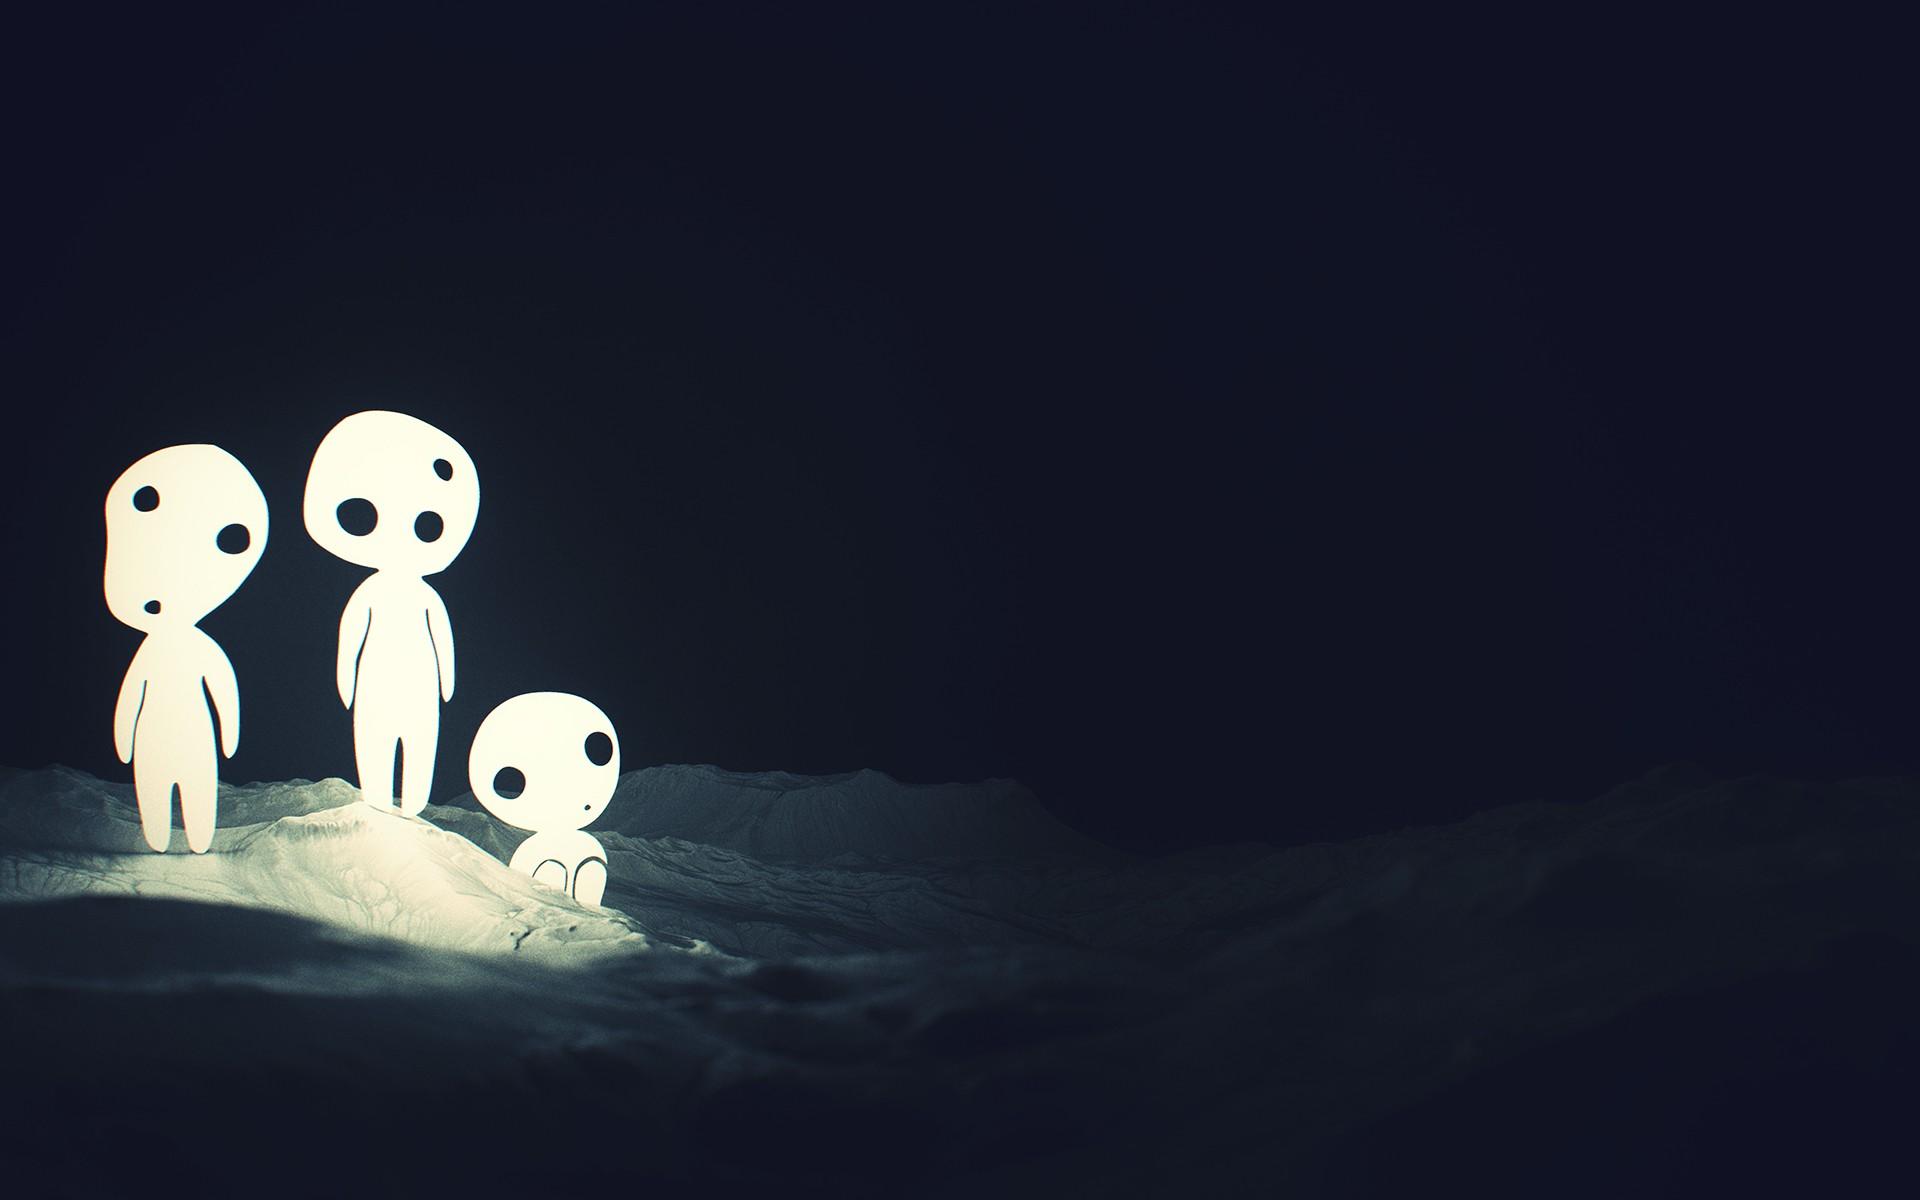 цифровое искусство, студия Ghibli